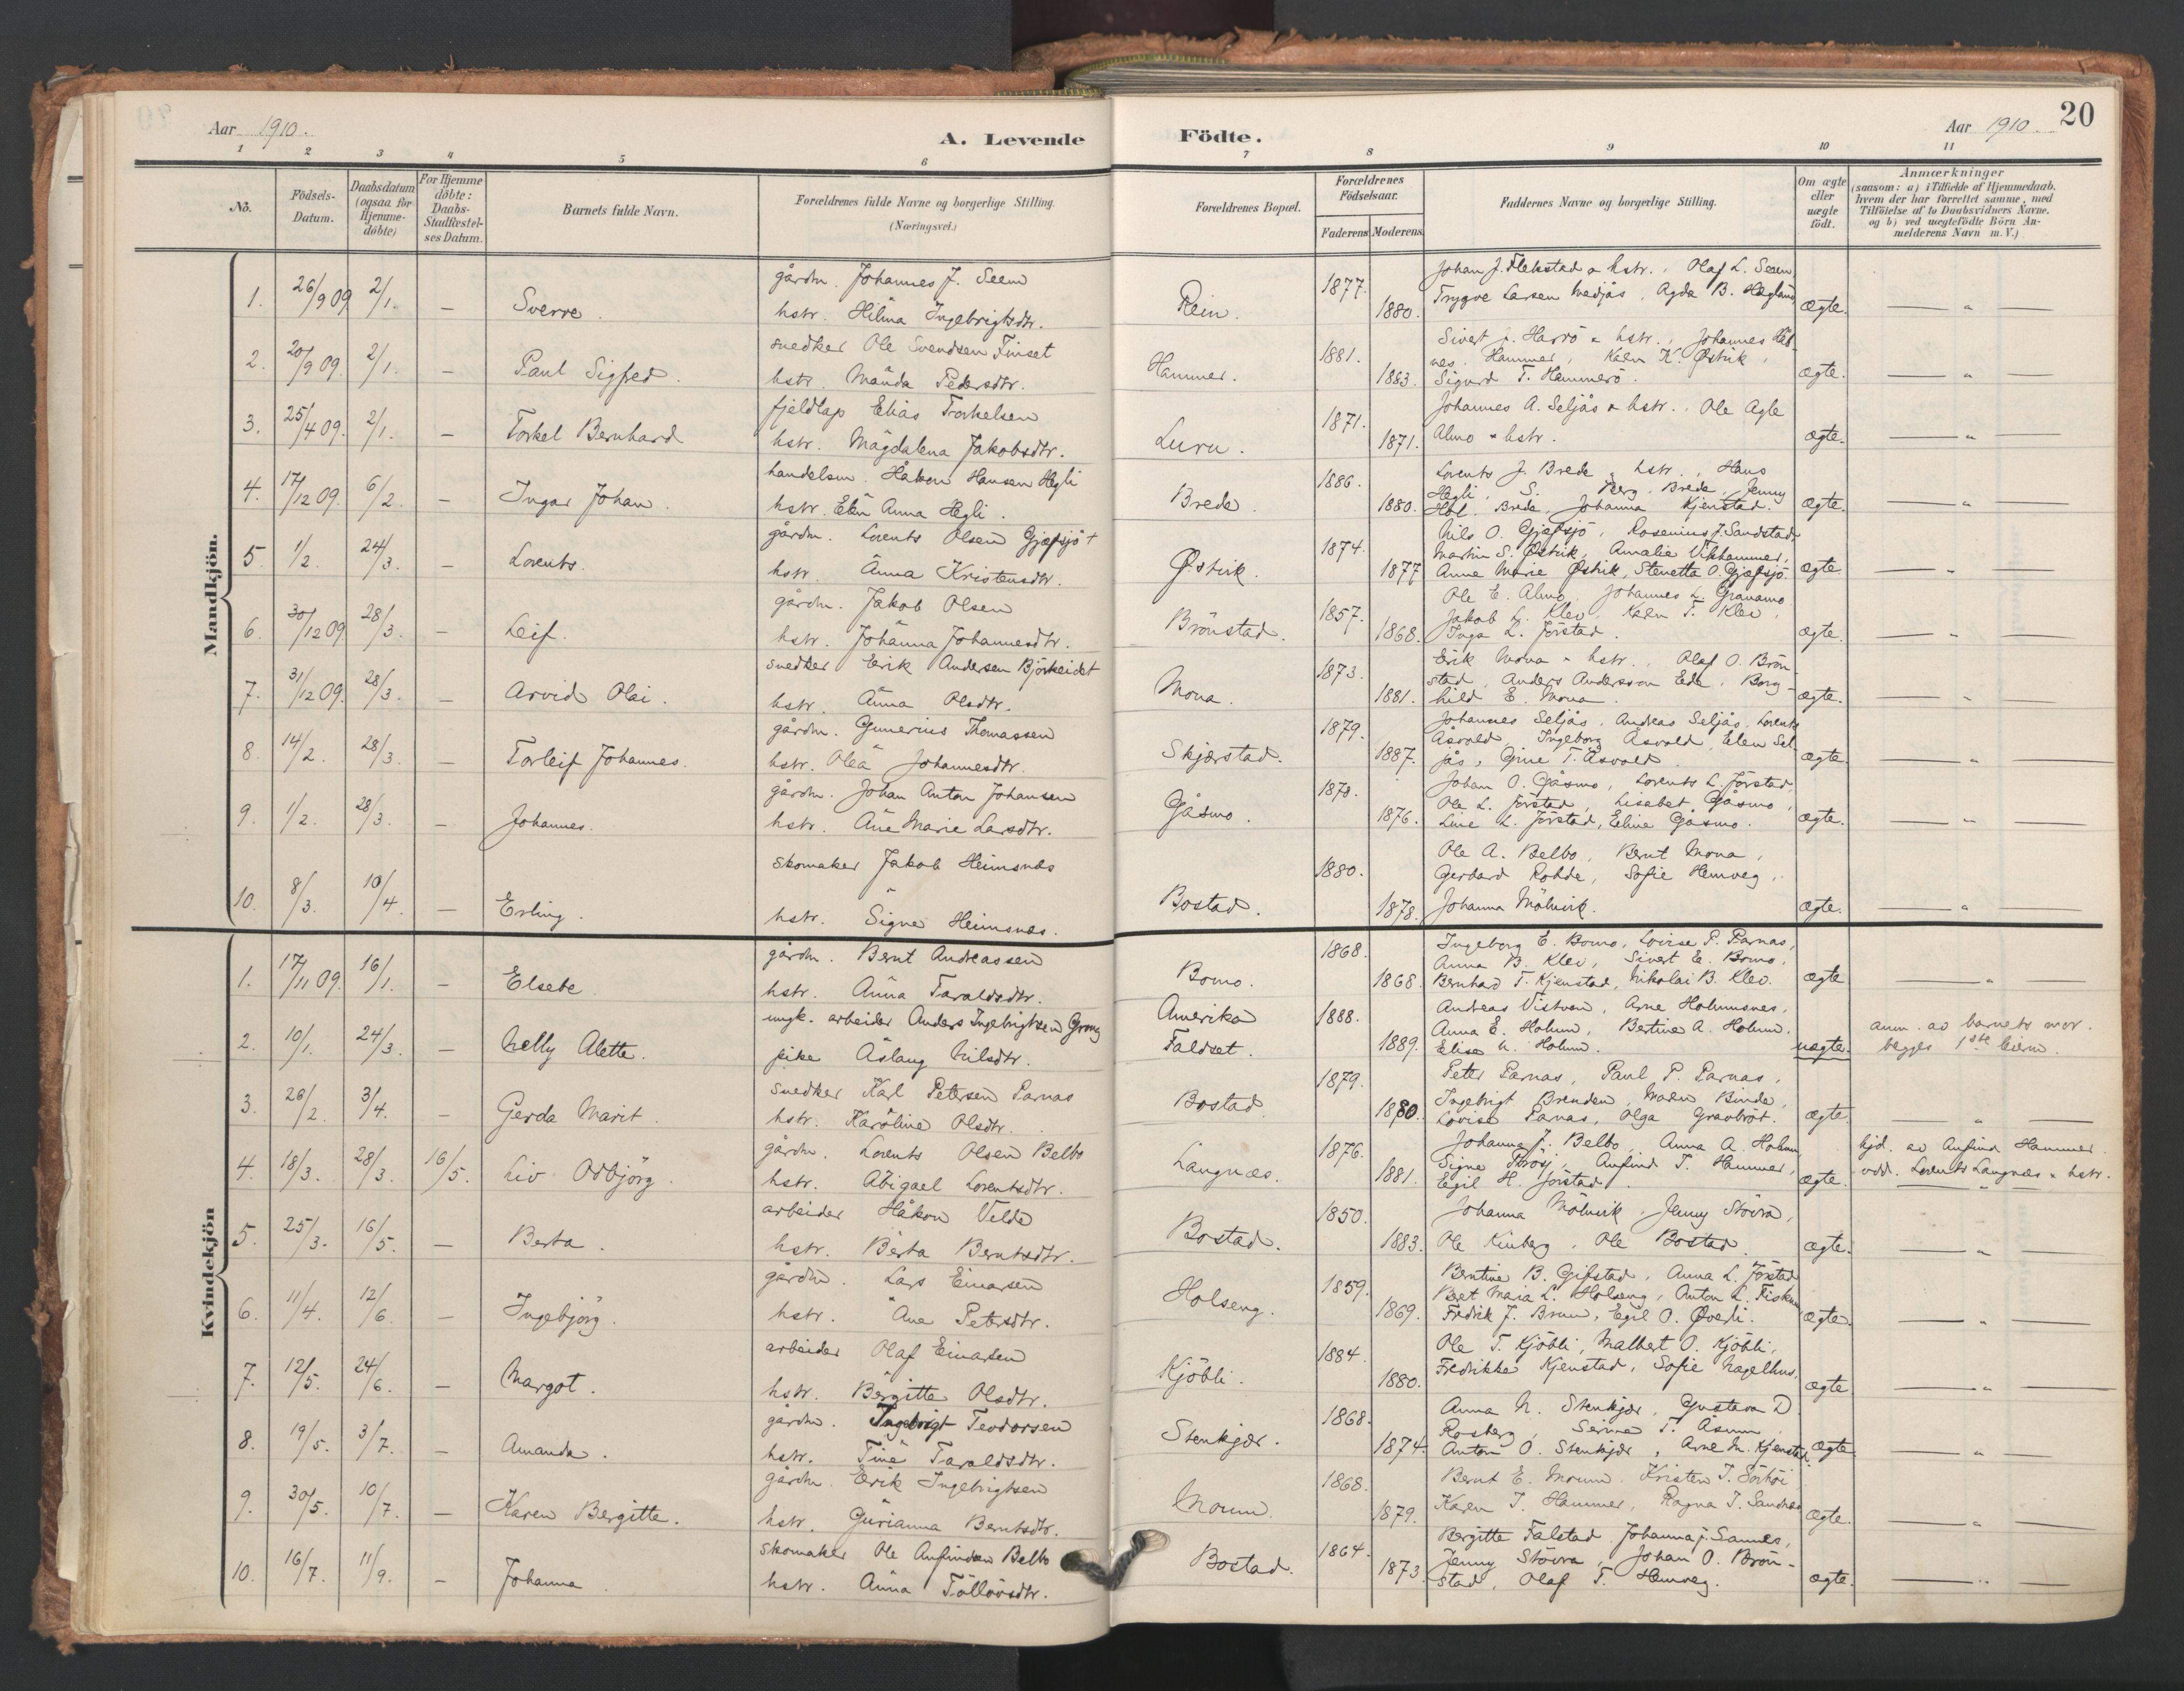 SAT, Ministerialprotokoller, klokkerbøker og fødselsregistre - Nord-Trøndelag, 749/L0477: Ministerialbok nr. 749A11, 1902-1927, s. 20